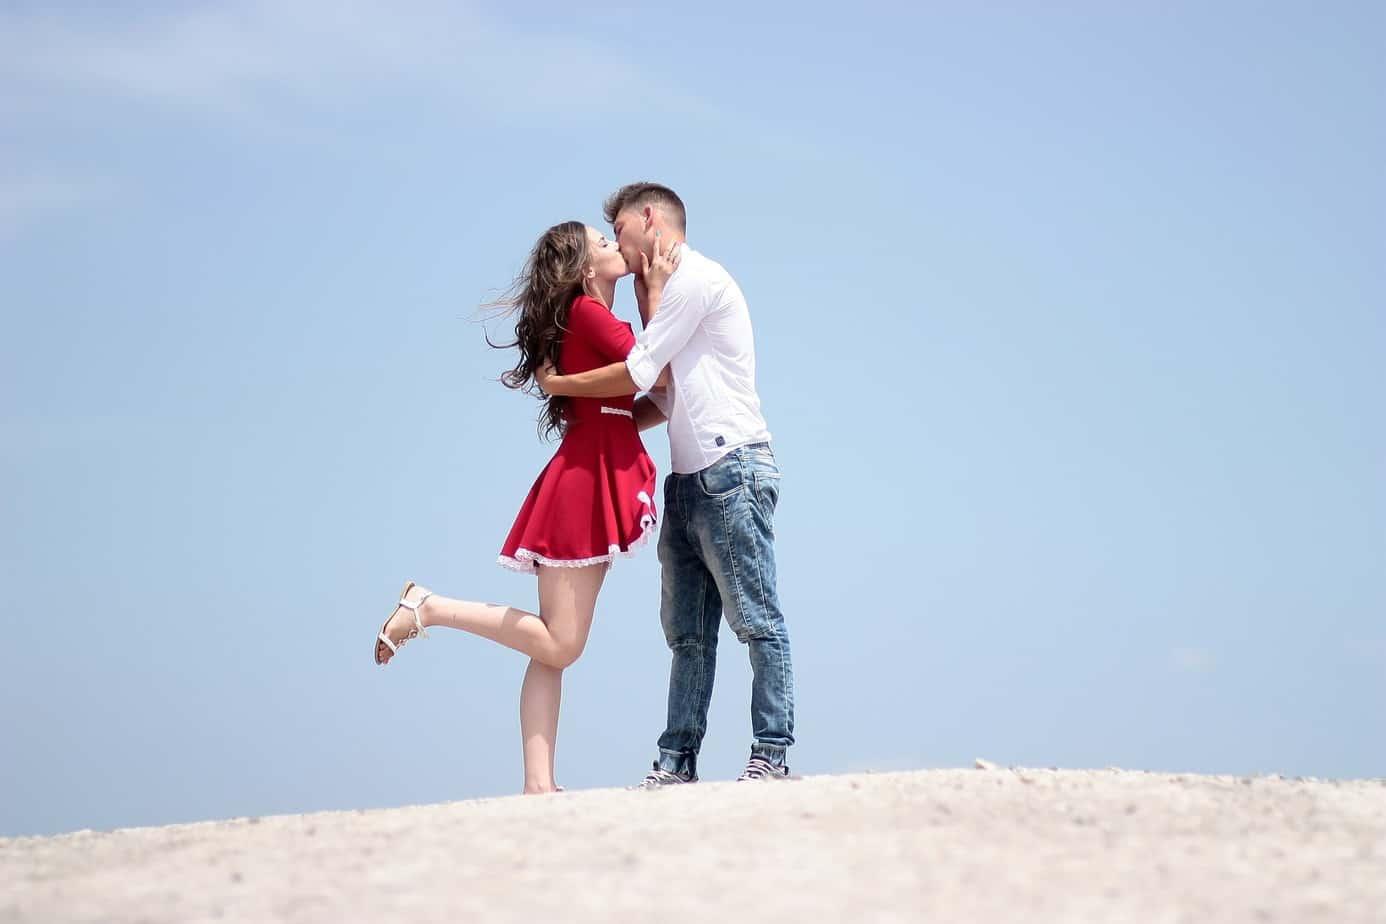 L'amour au premier regard : Voici 4 hypothèses pour vous aider à comprendre